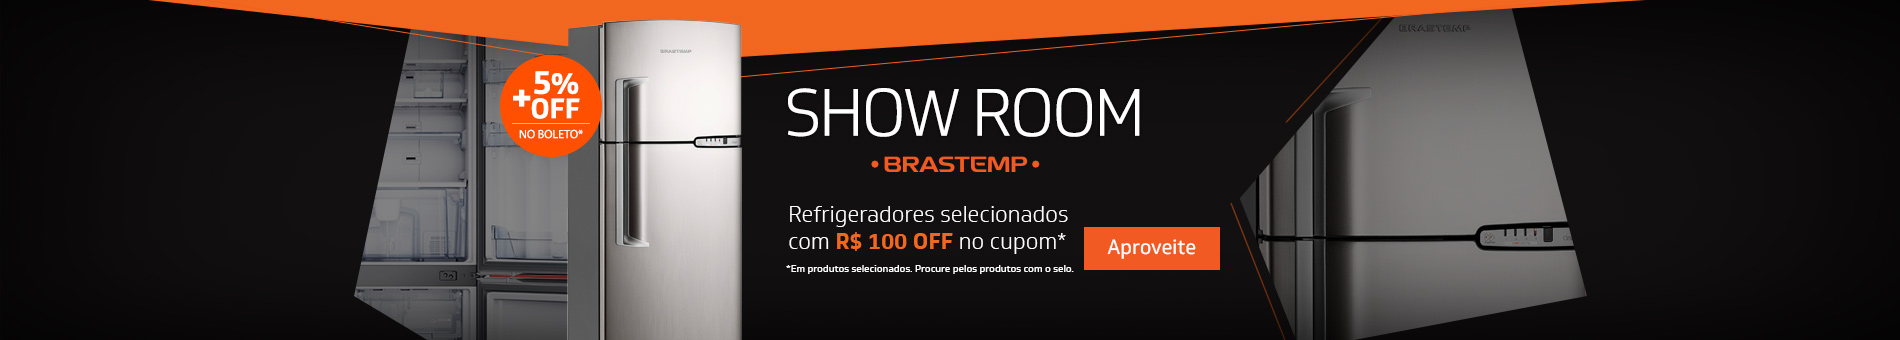 Promoção Interna - 1359 - showroom_refri-BRM39EK-cupom100_23012017_home1 - refri-BRM39EK-cupom100 - 1